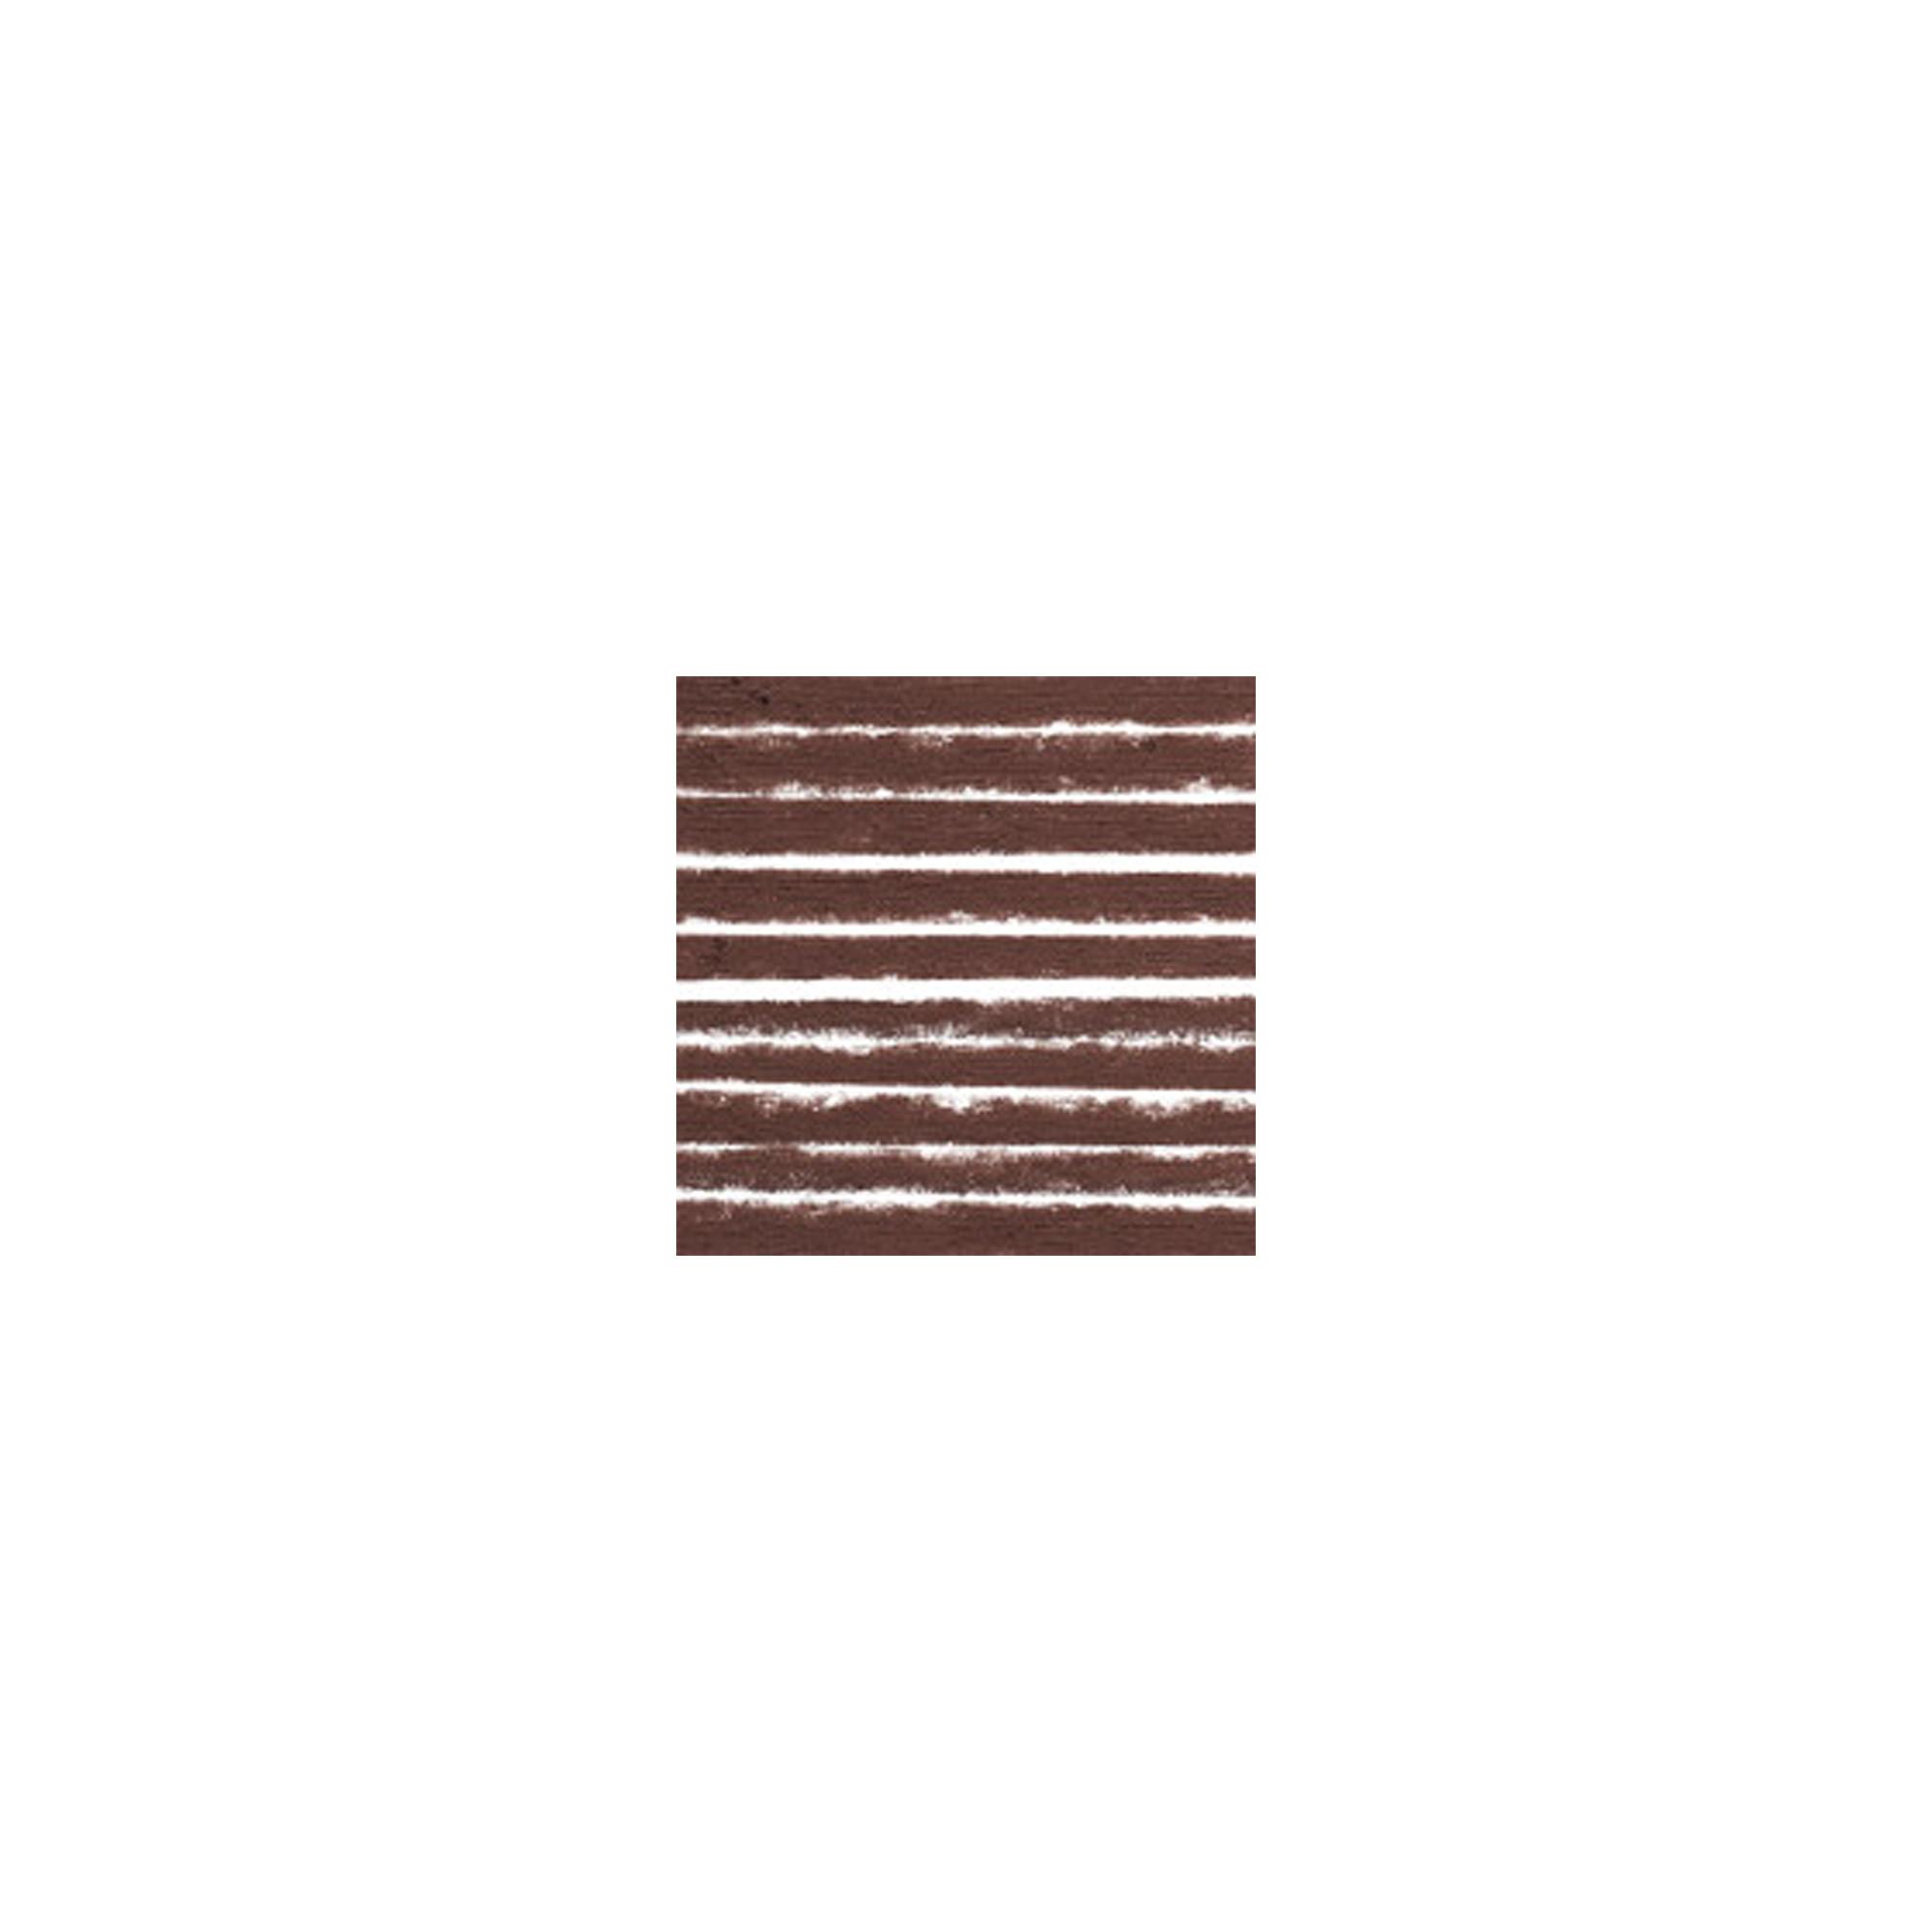 Veluxe Brow Liner - Deep Brunette, DEEP BRUNETTE, large image number 1